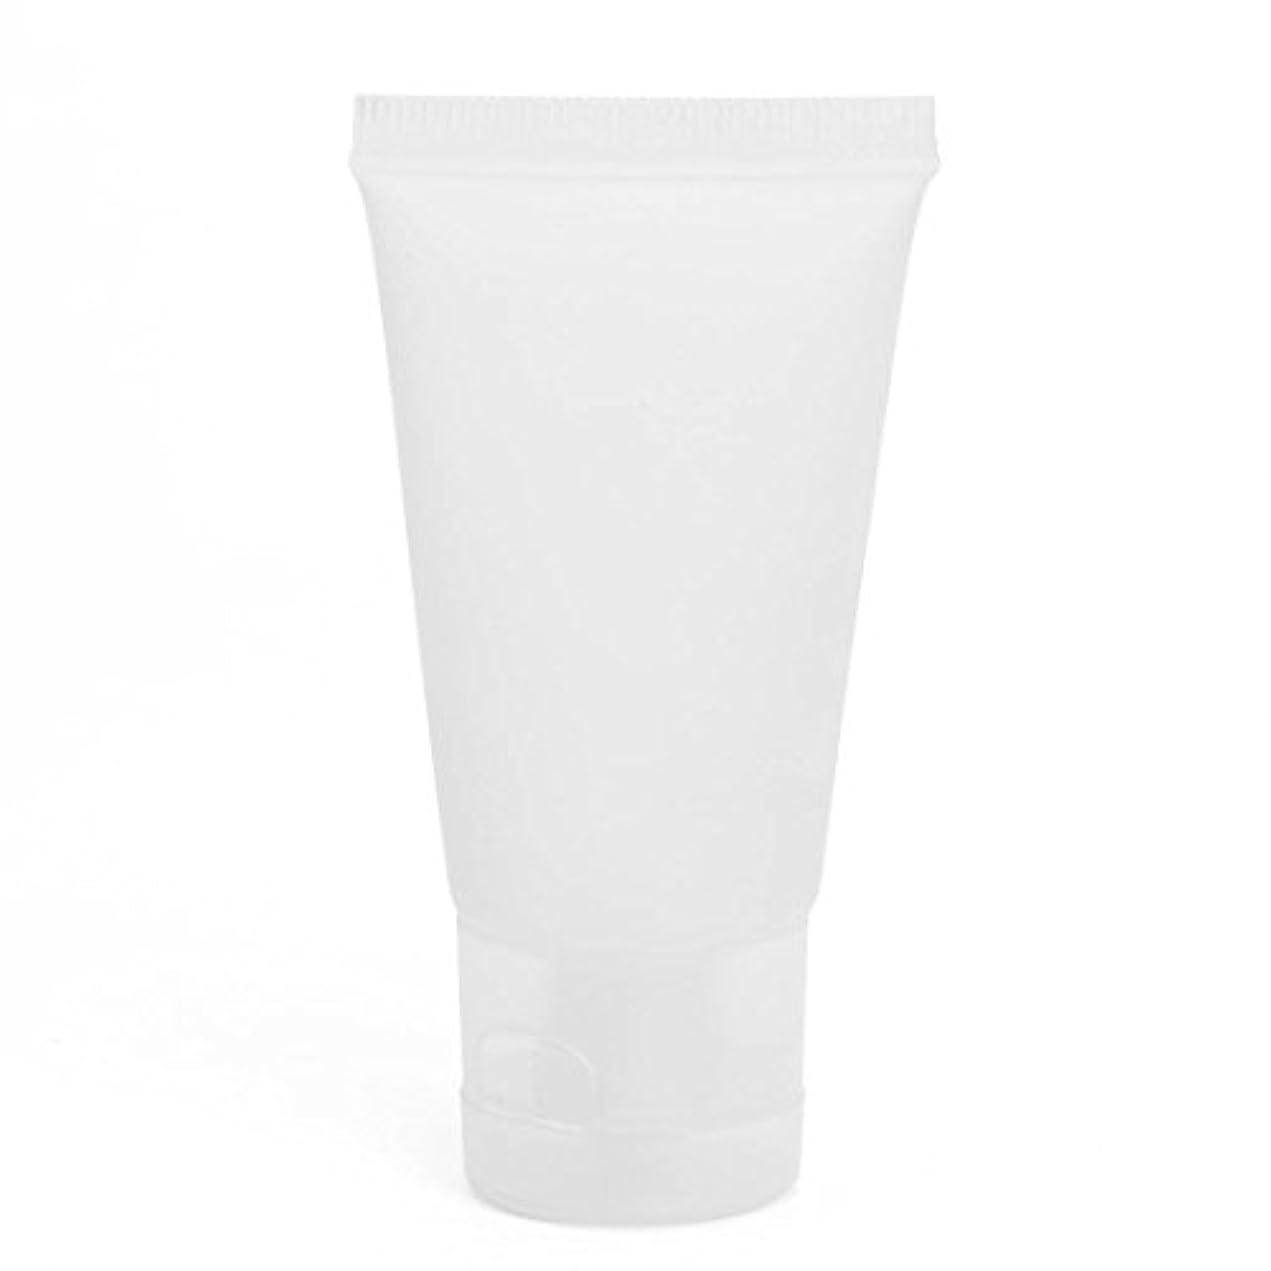 影響力のある枠ロッド空き瓶,SODIAL(R) 30 ml化粧品のための空きボトル 顔のクリーム プラスチック